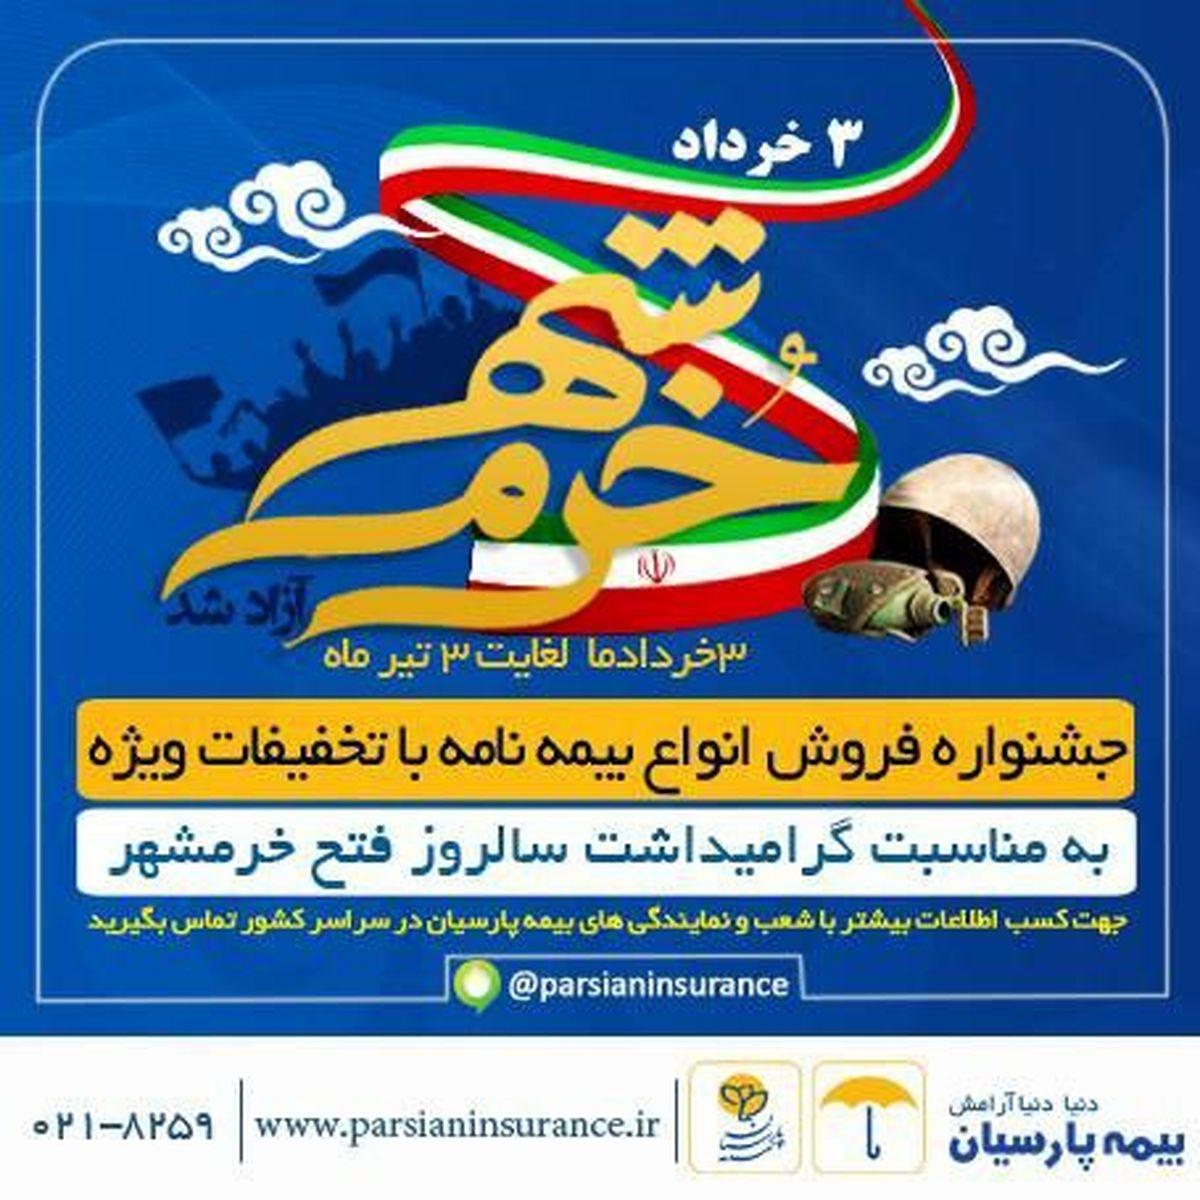 تخفیفات ویژه بیمه پارسیان به مناسبت سالروز فتح خرمشهر